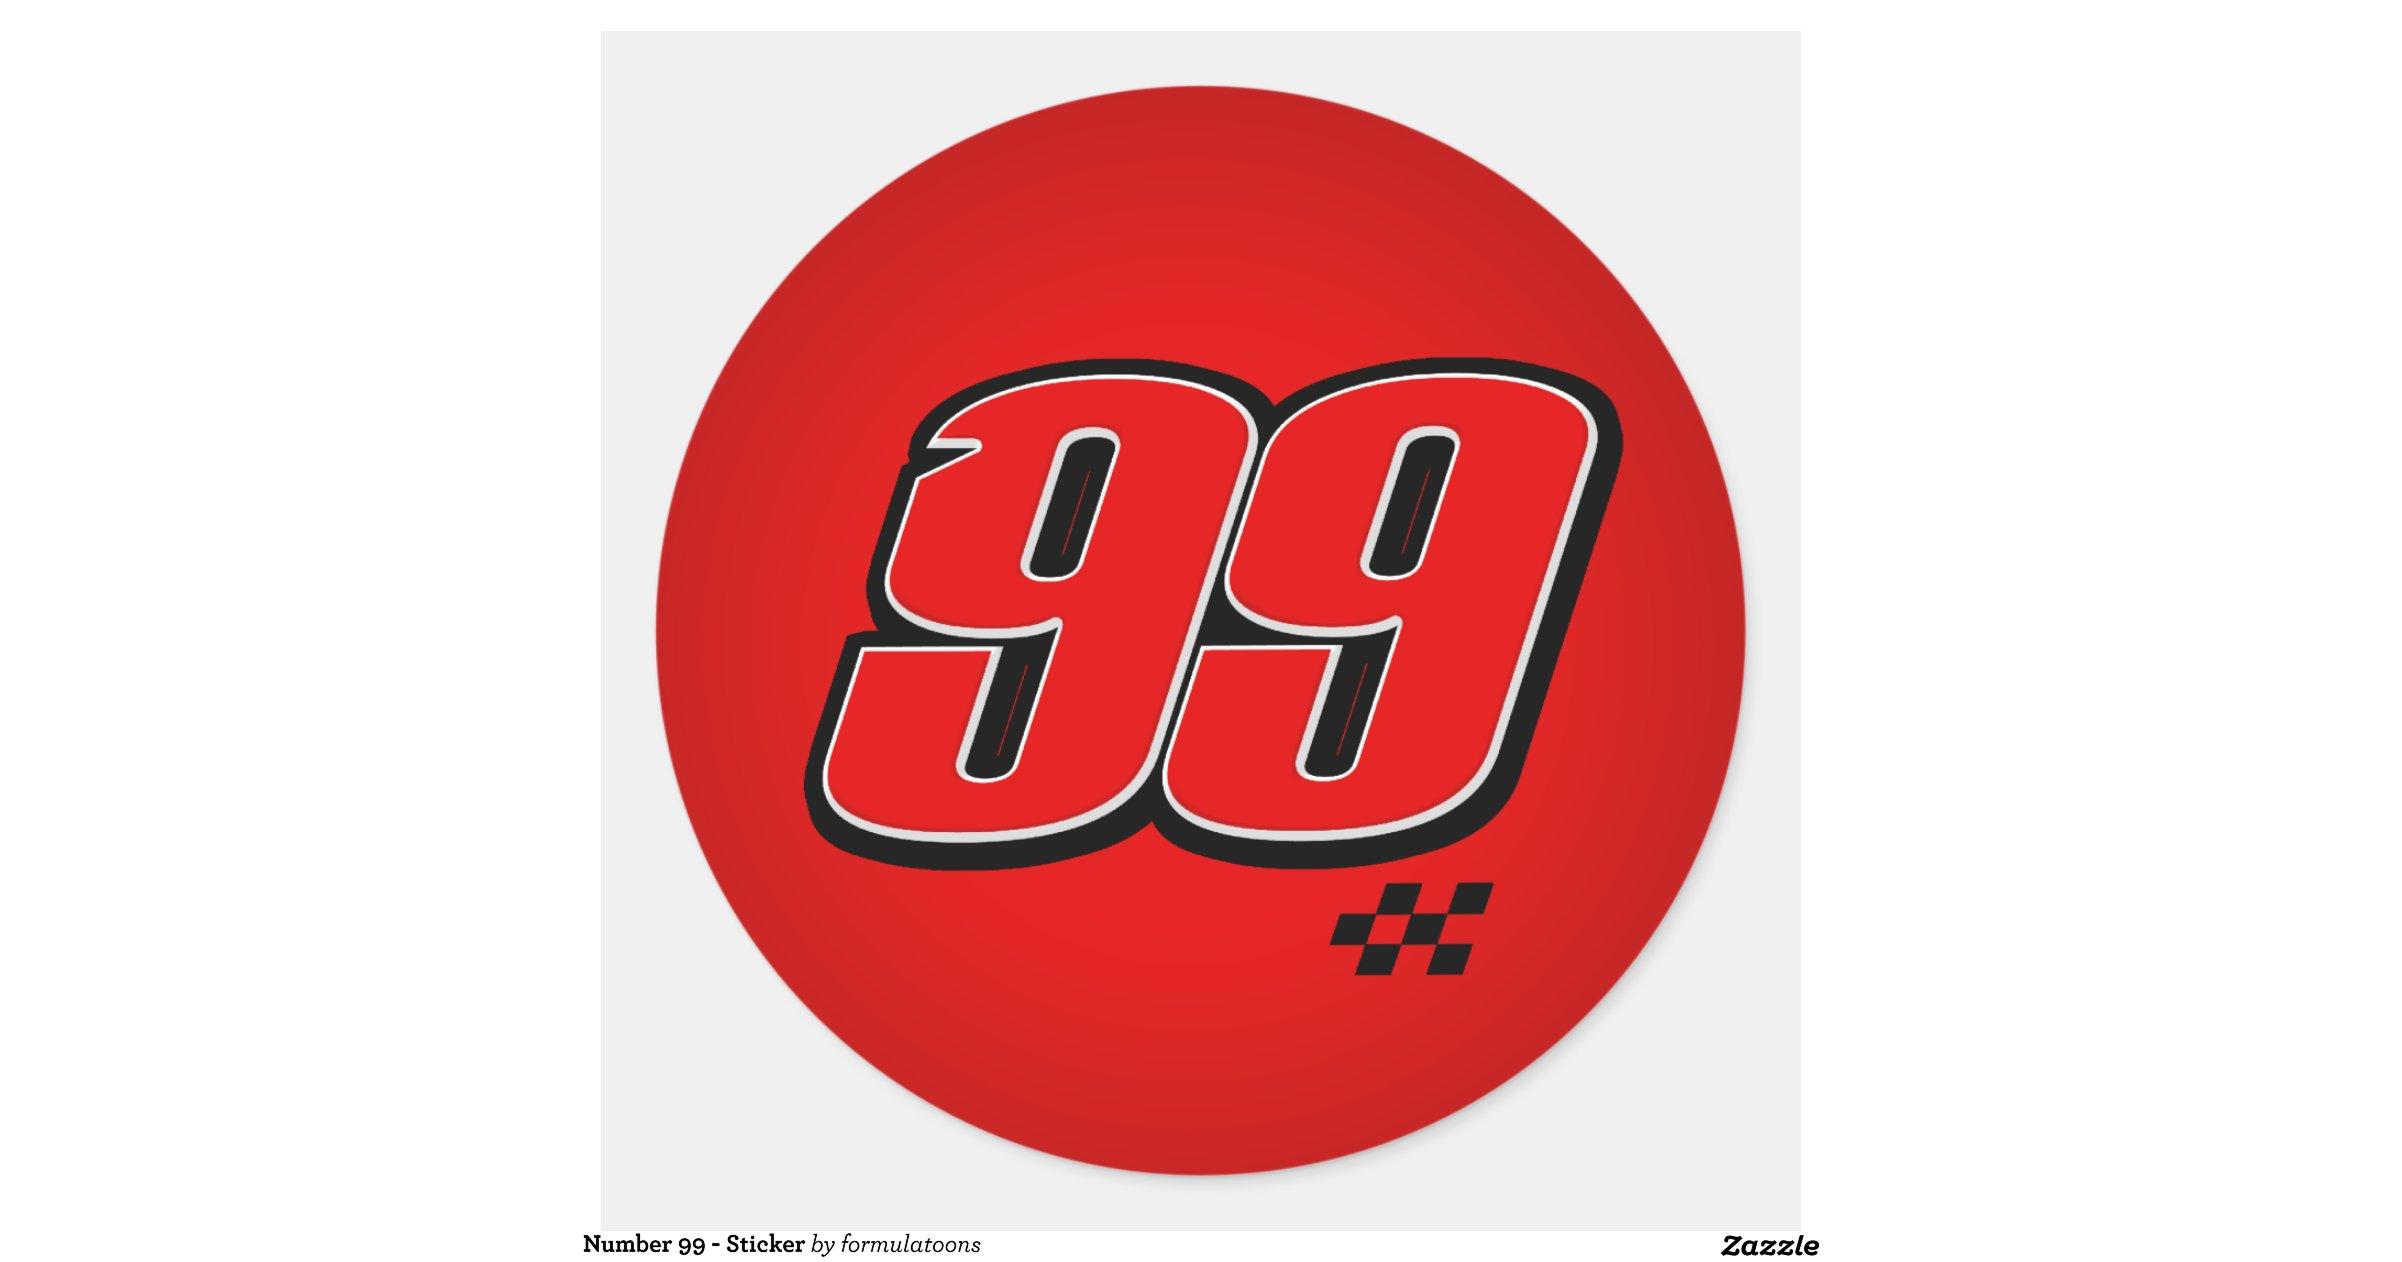 Number 99 Sticker